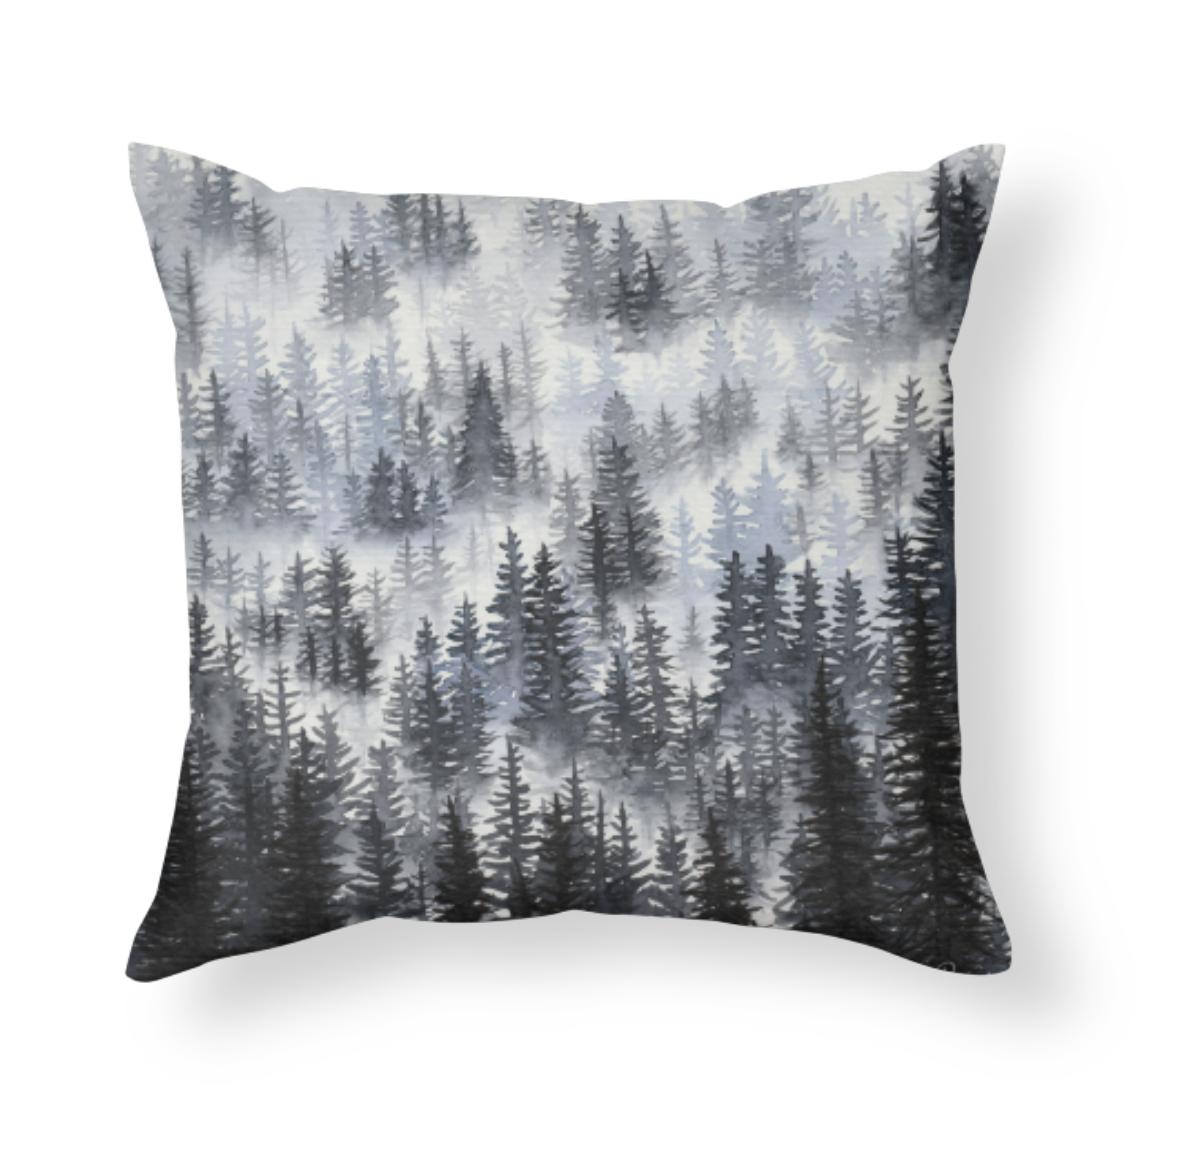 Misty Forest Scene by Rachael Caringella Tree talker art throw pillow